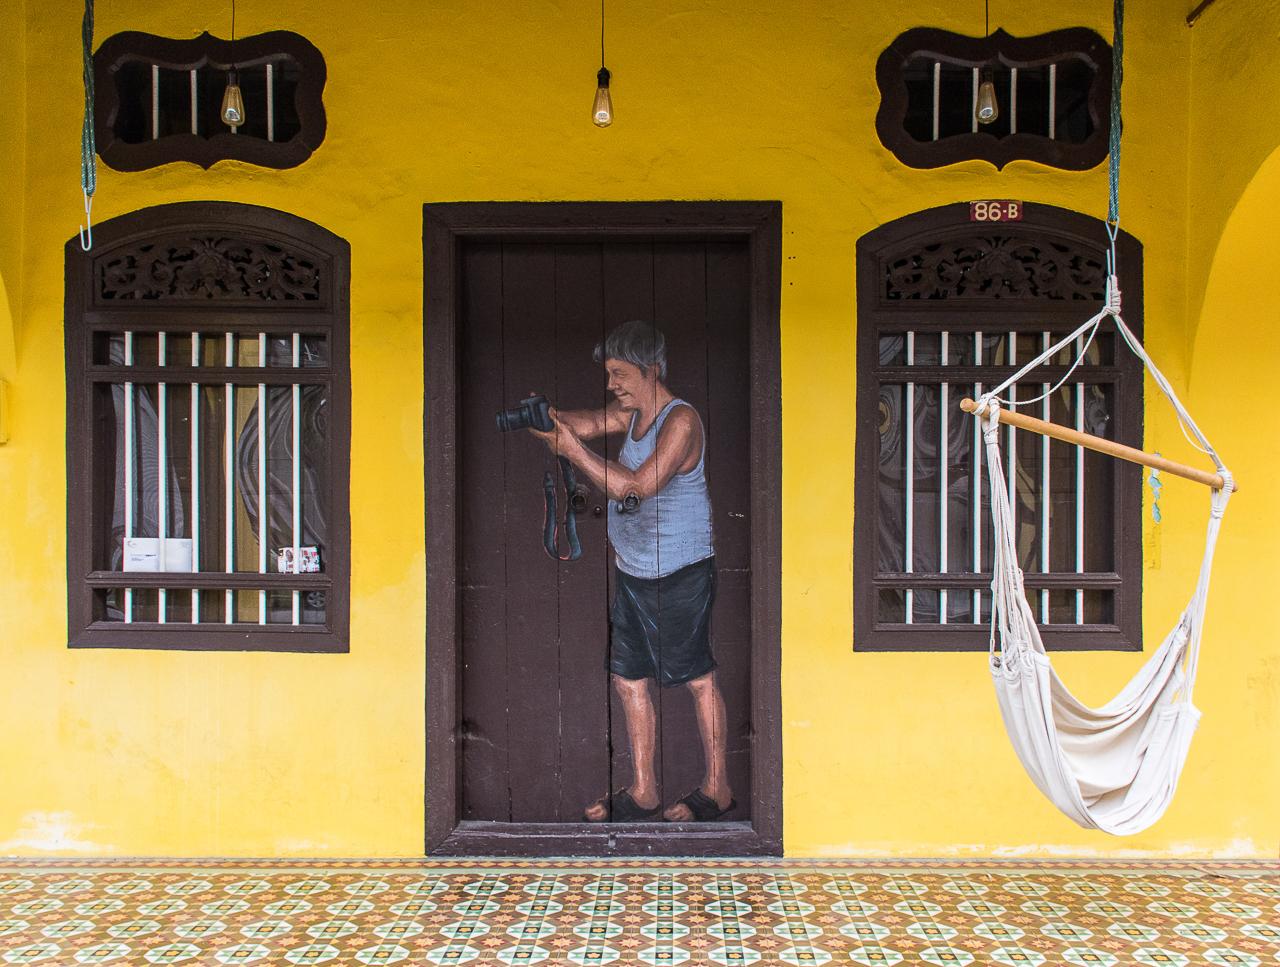 penang malaysia street art and painted walls